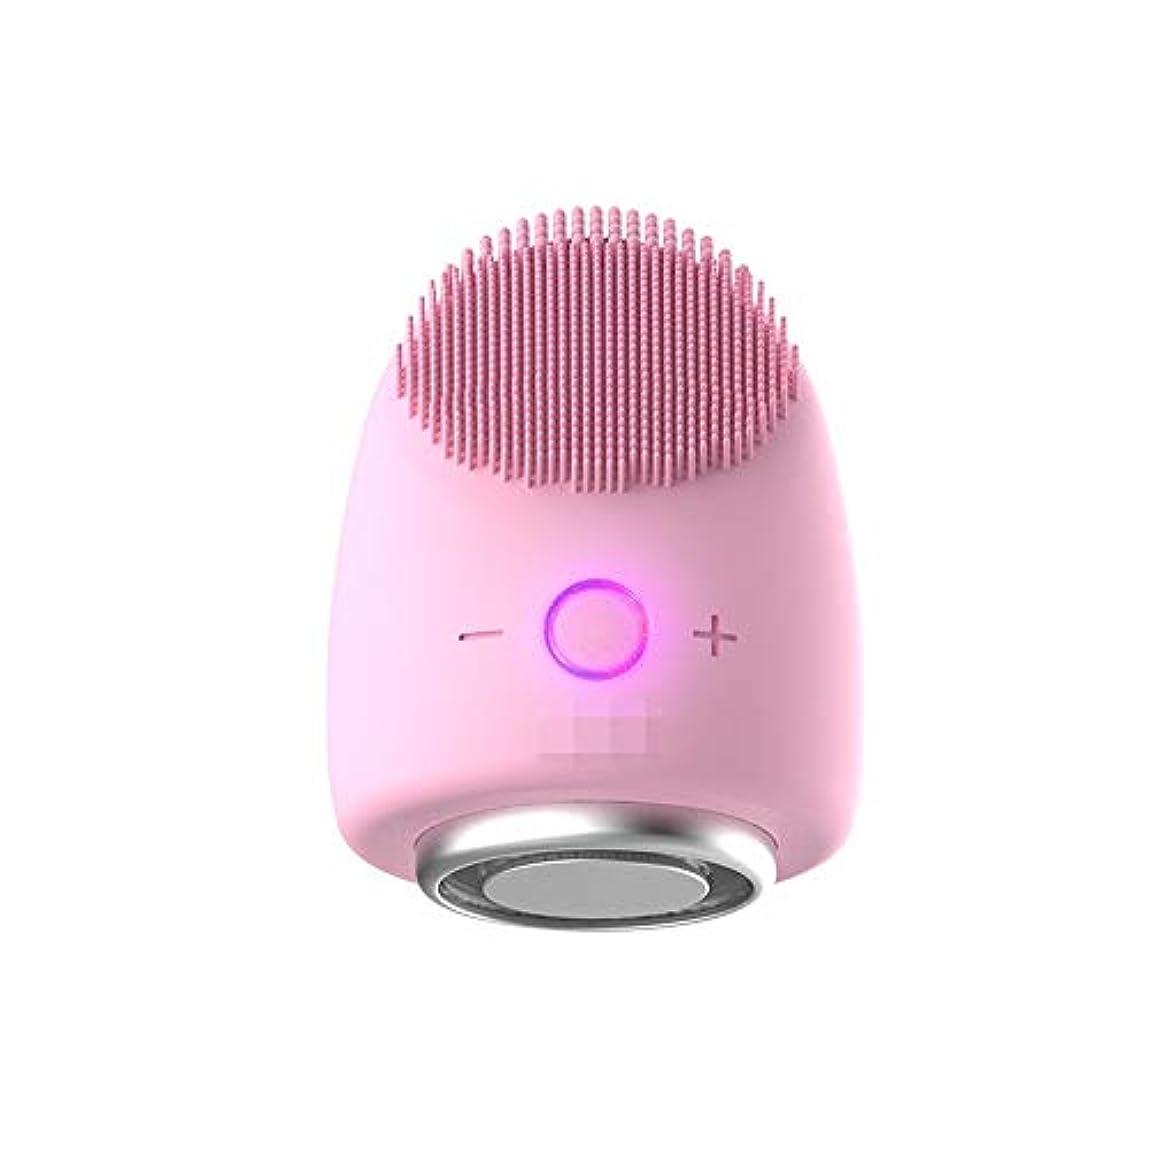 台風落胆させる残基Chaopeng 多機能美容器具洗浄器具導入器具凝縮ホットドレッシング肌活性化器具 (Color : ピンク)